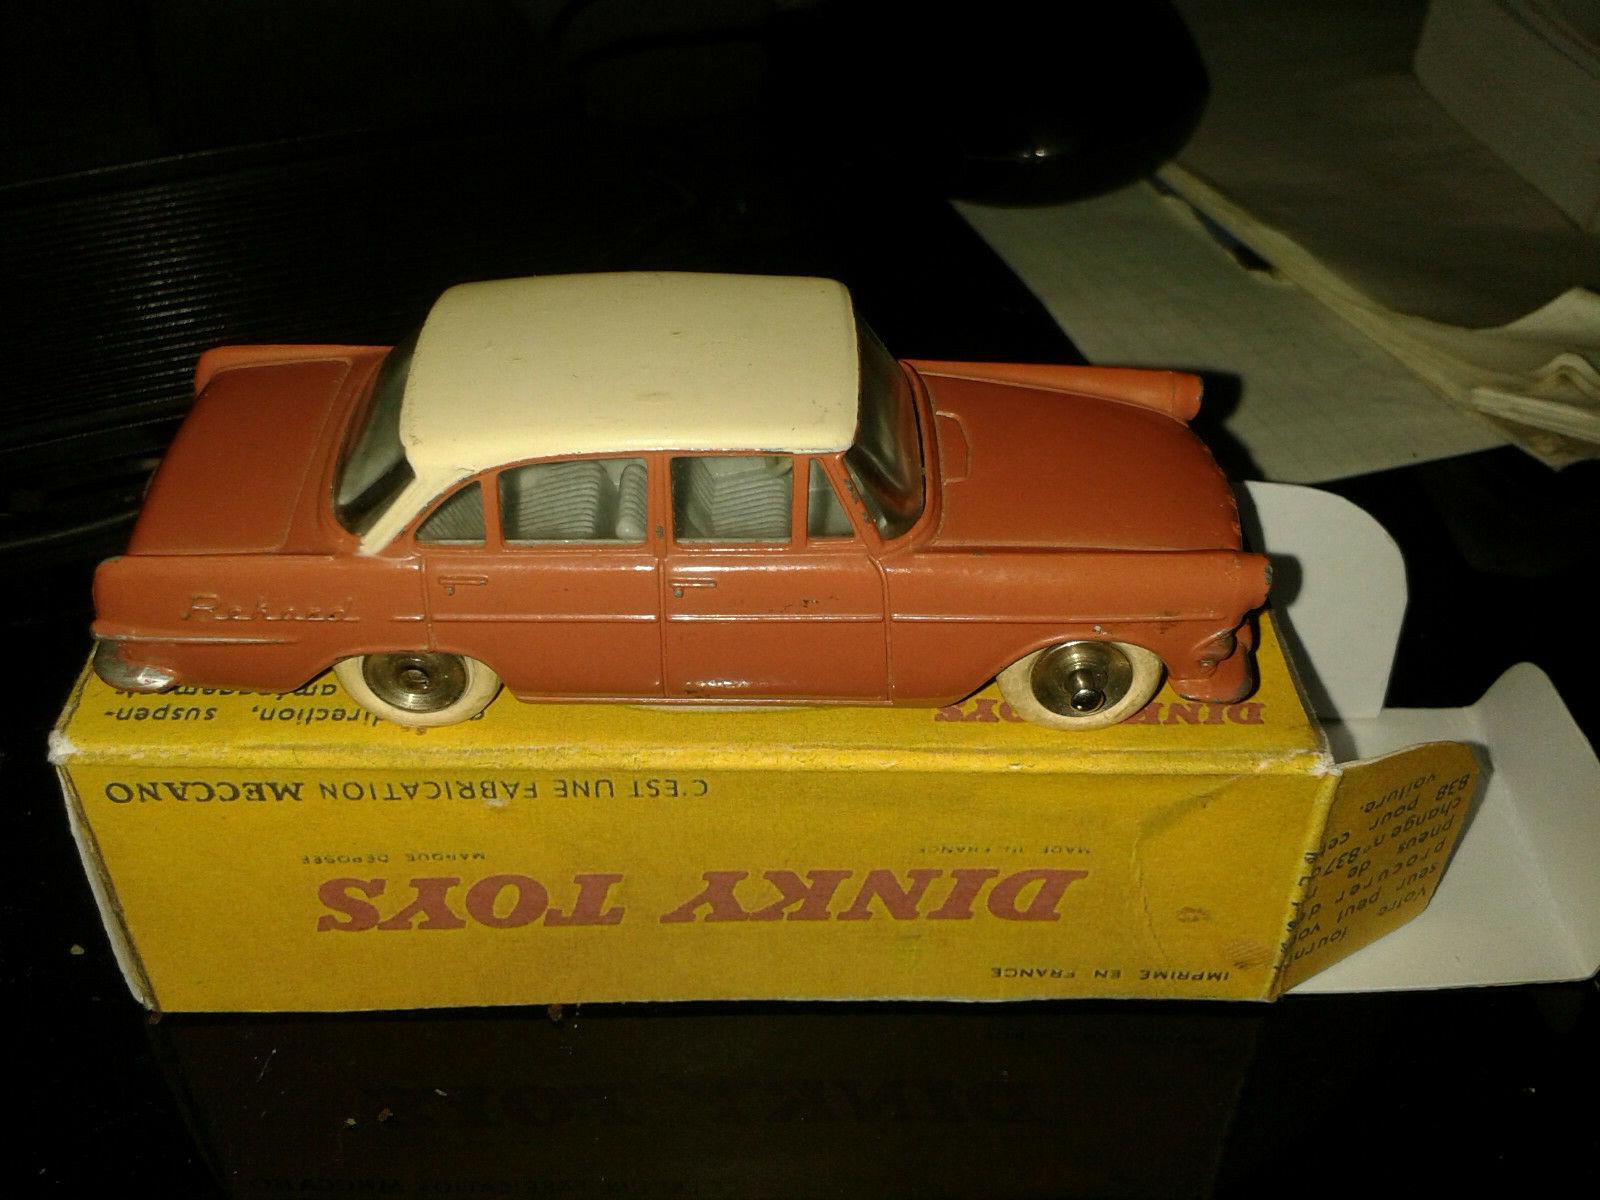 Très belle Opel Rekord Dinky Juguetes France, réf 554 de 1961, avec boîte repro